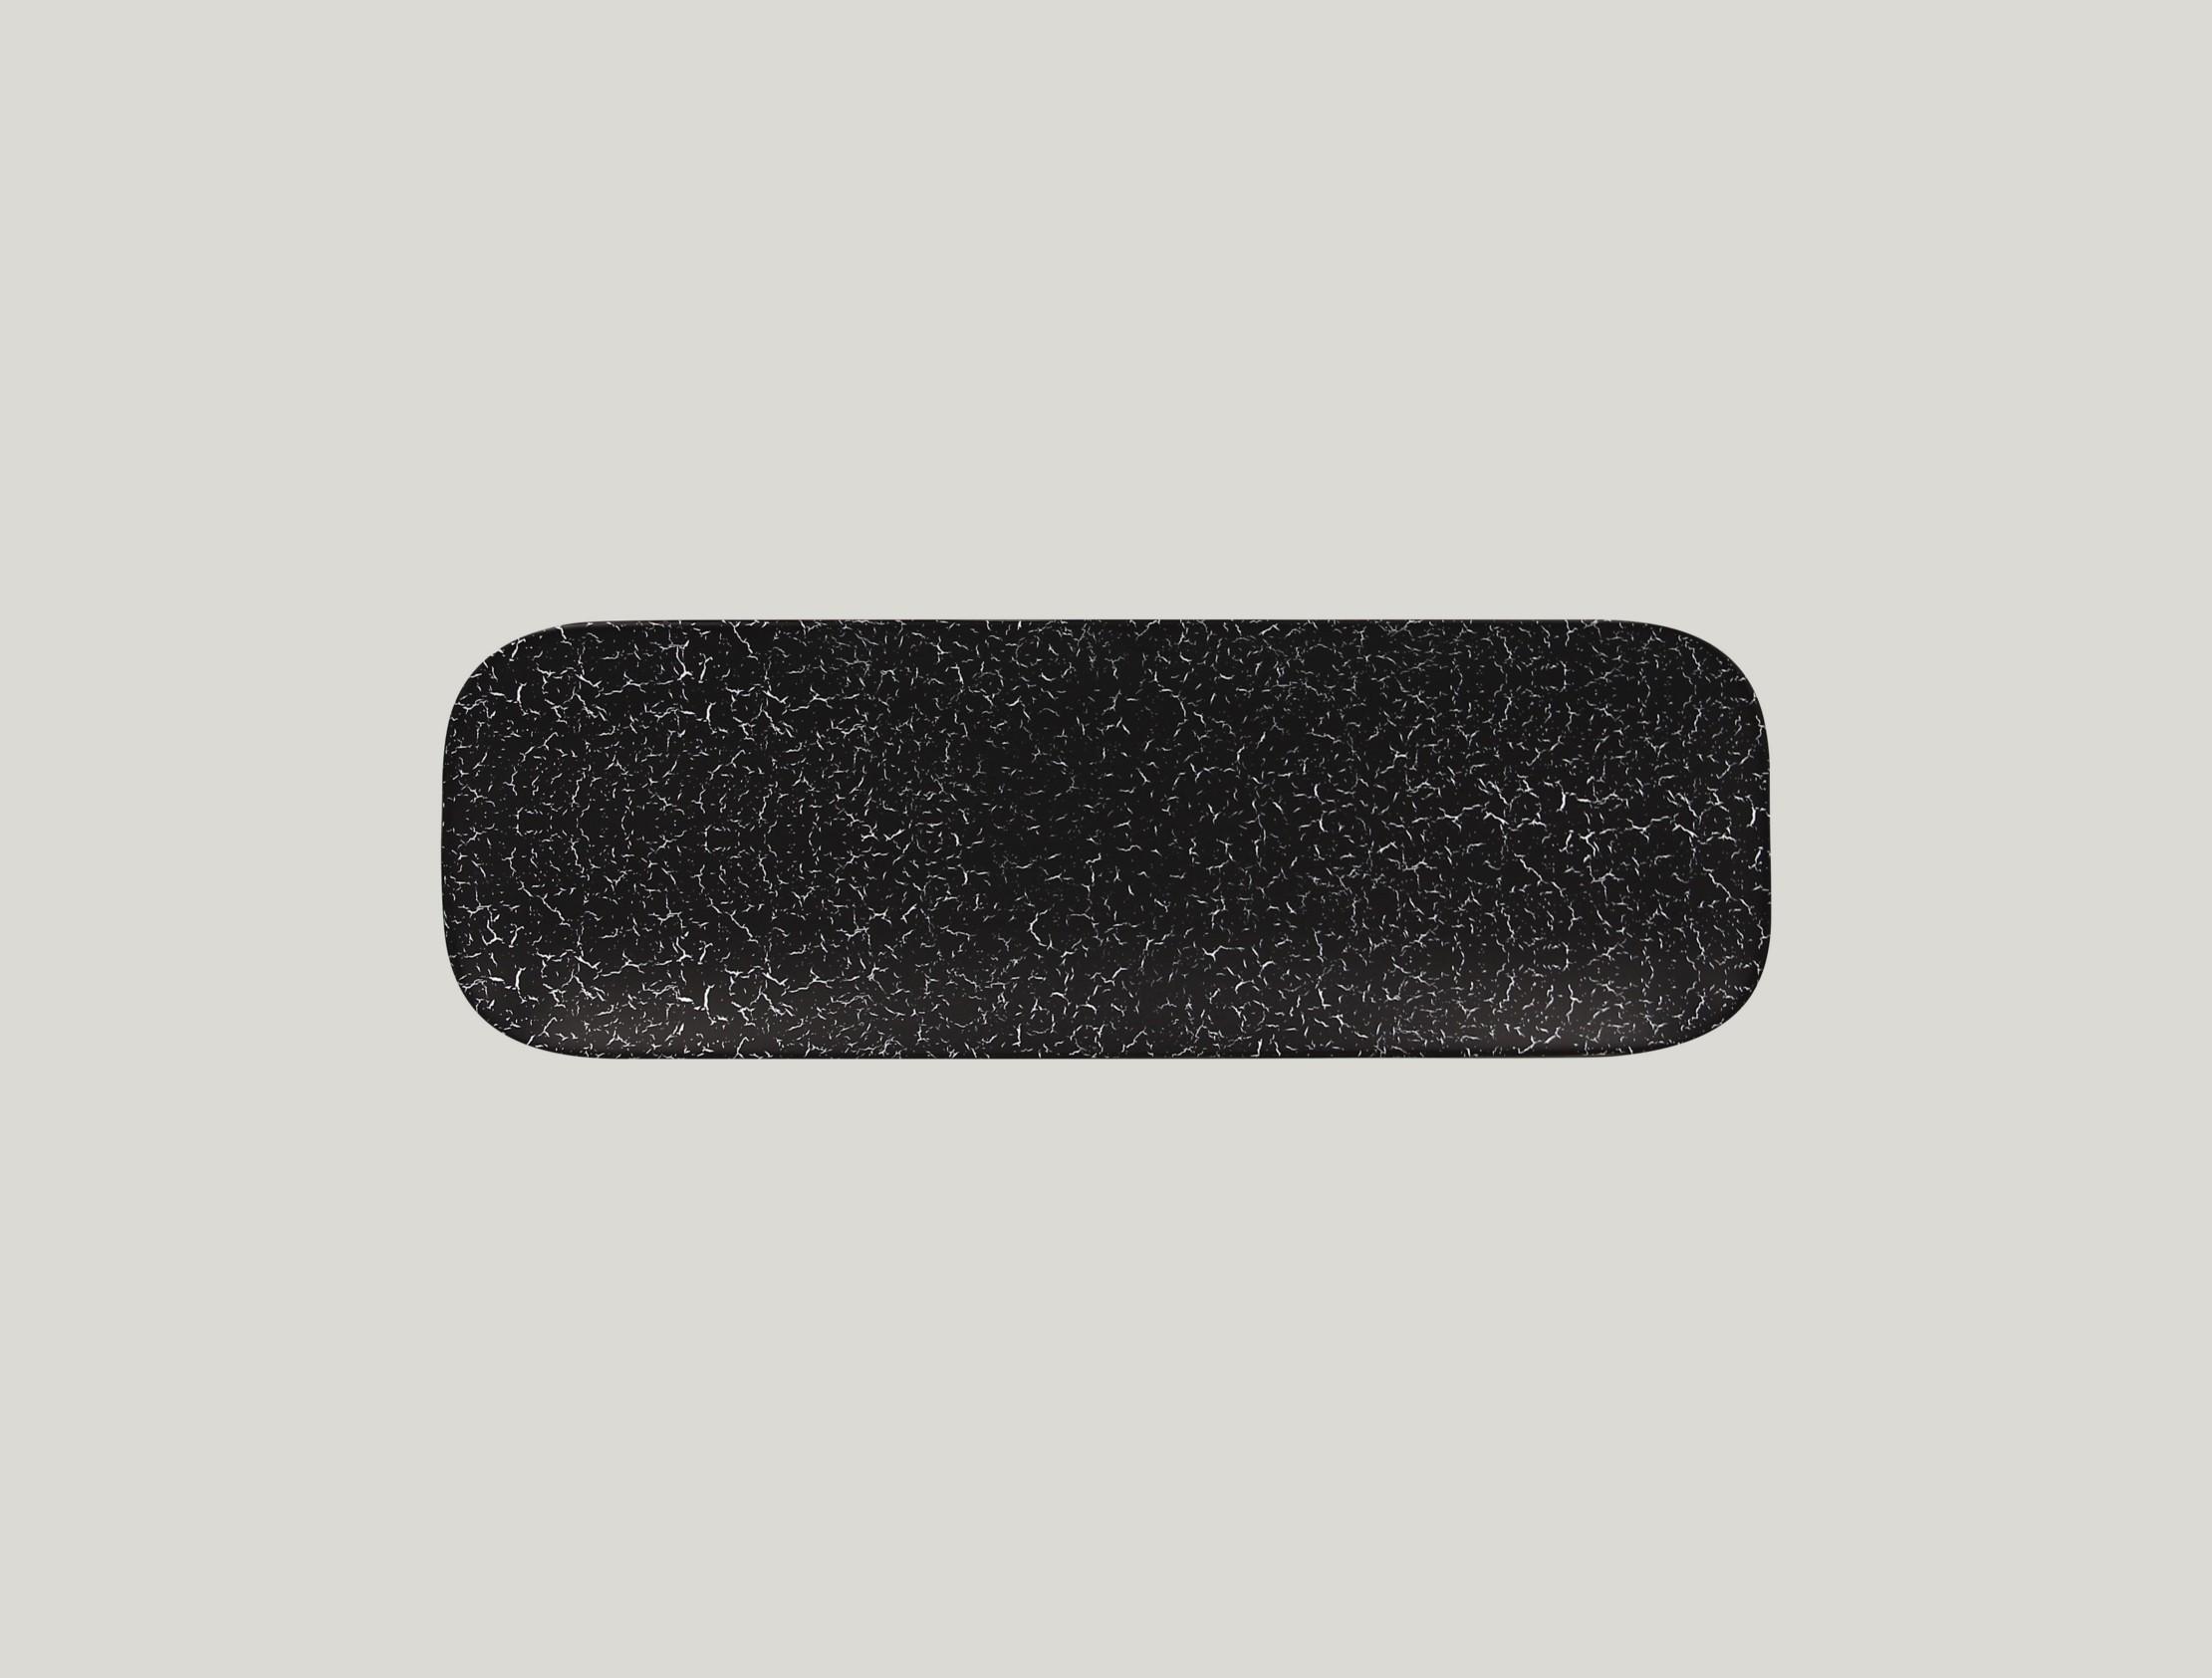 Talíř obdélníkový 33 x 11 cm - černá